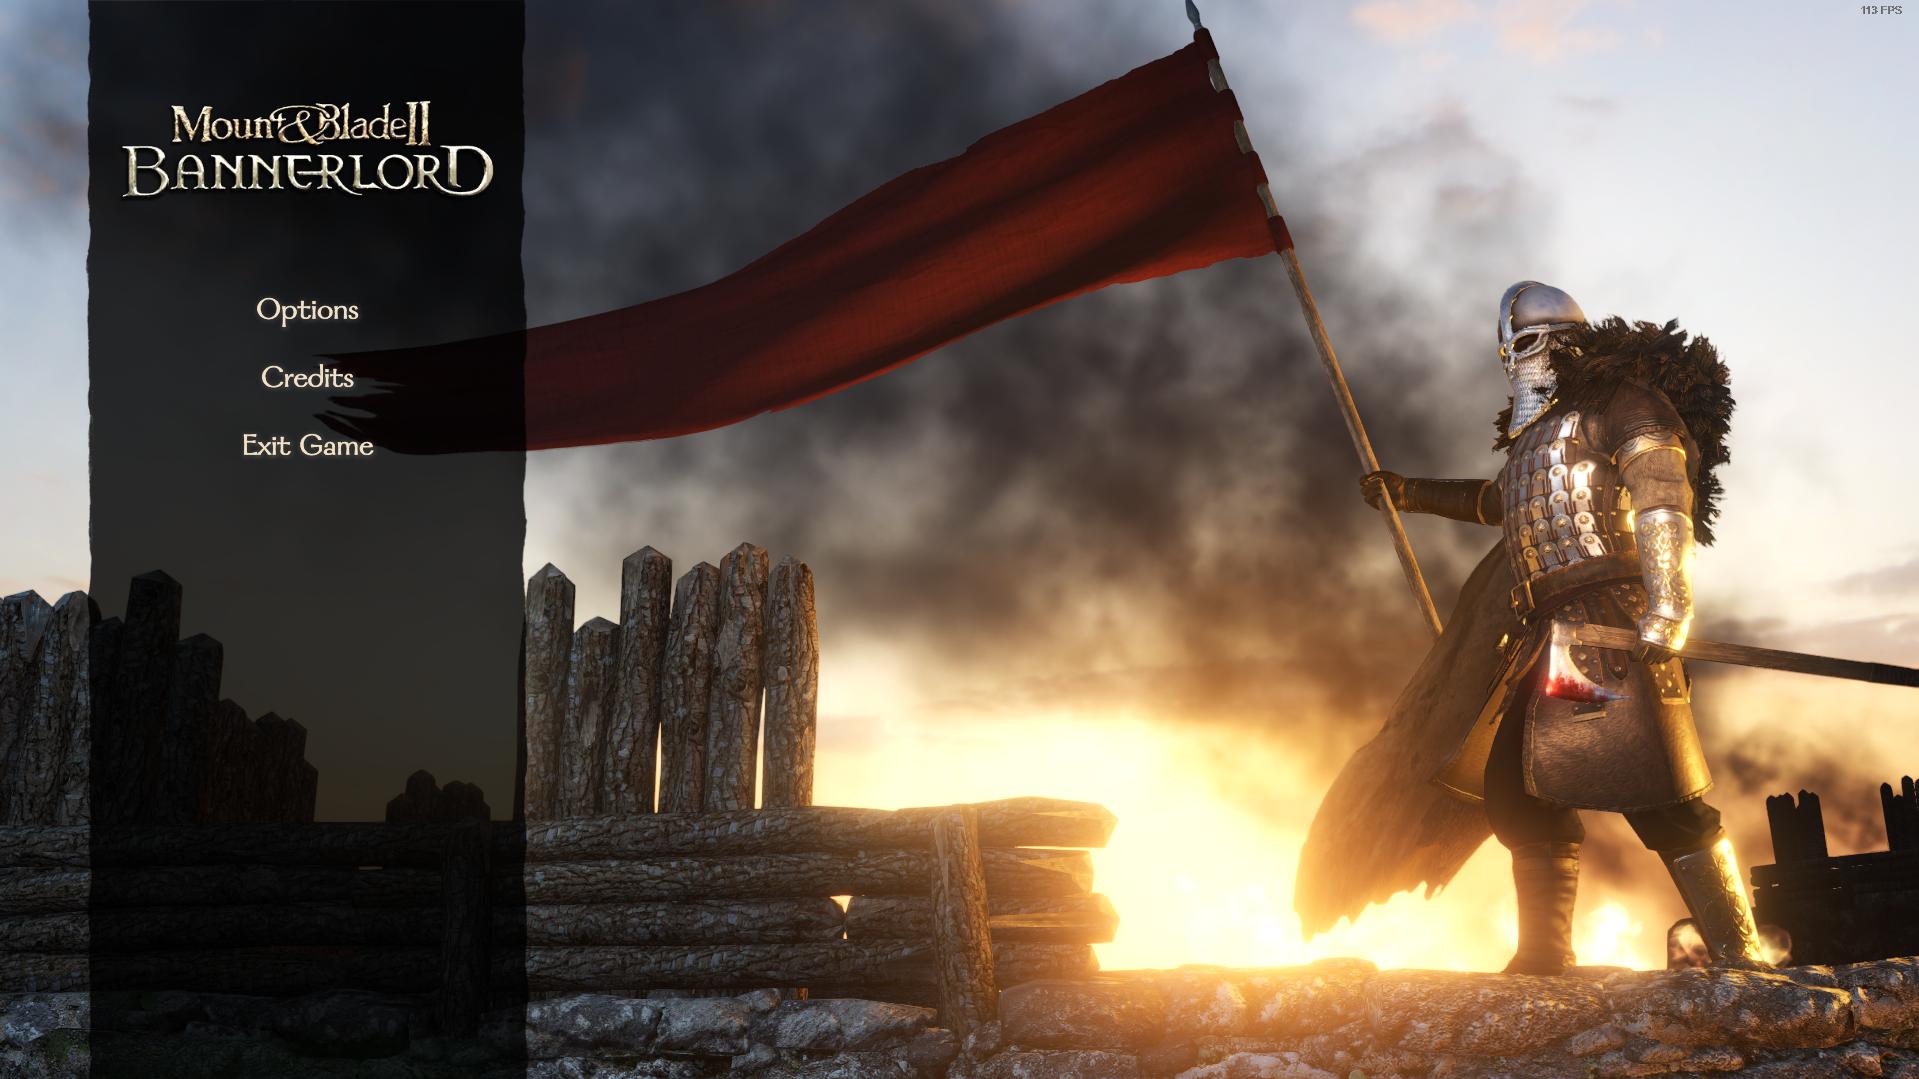 Посторонним В.: пользователи обнаружили, что в Mount & Blade II: Bannerlord пропадают пункты меню, отвечающие за вход в игру